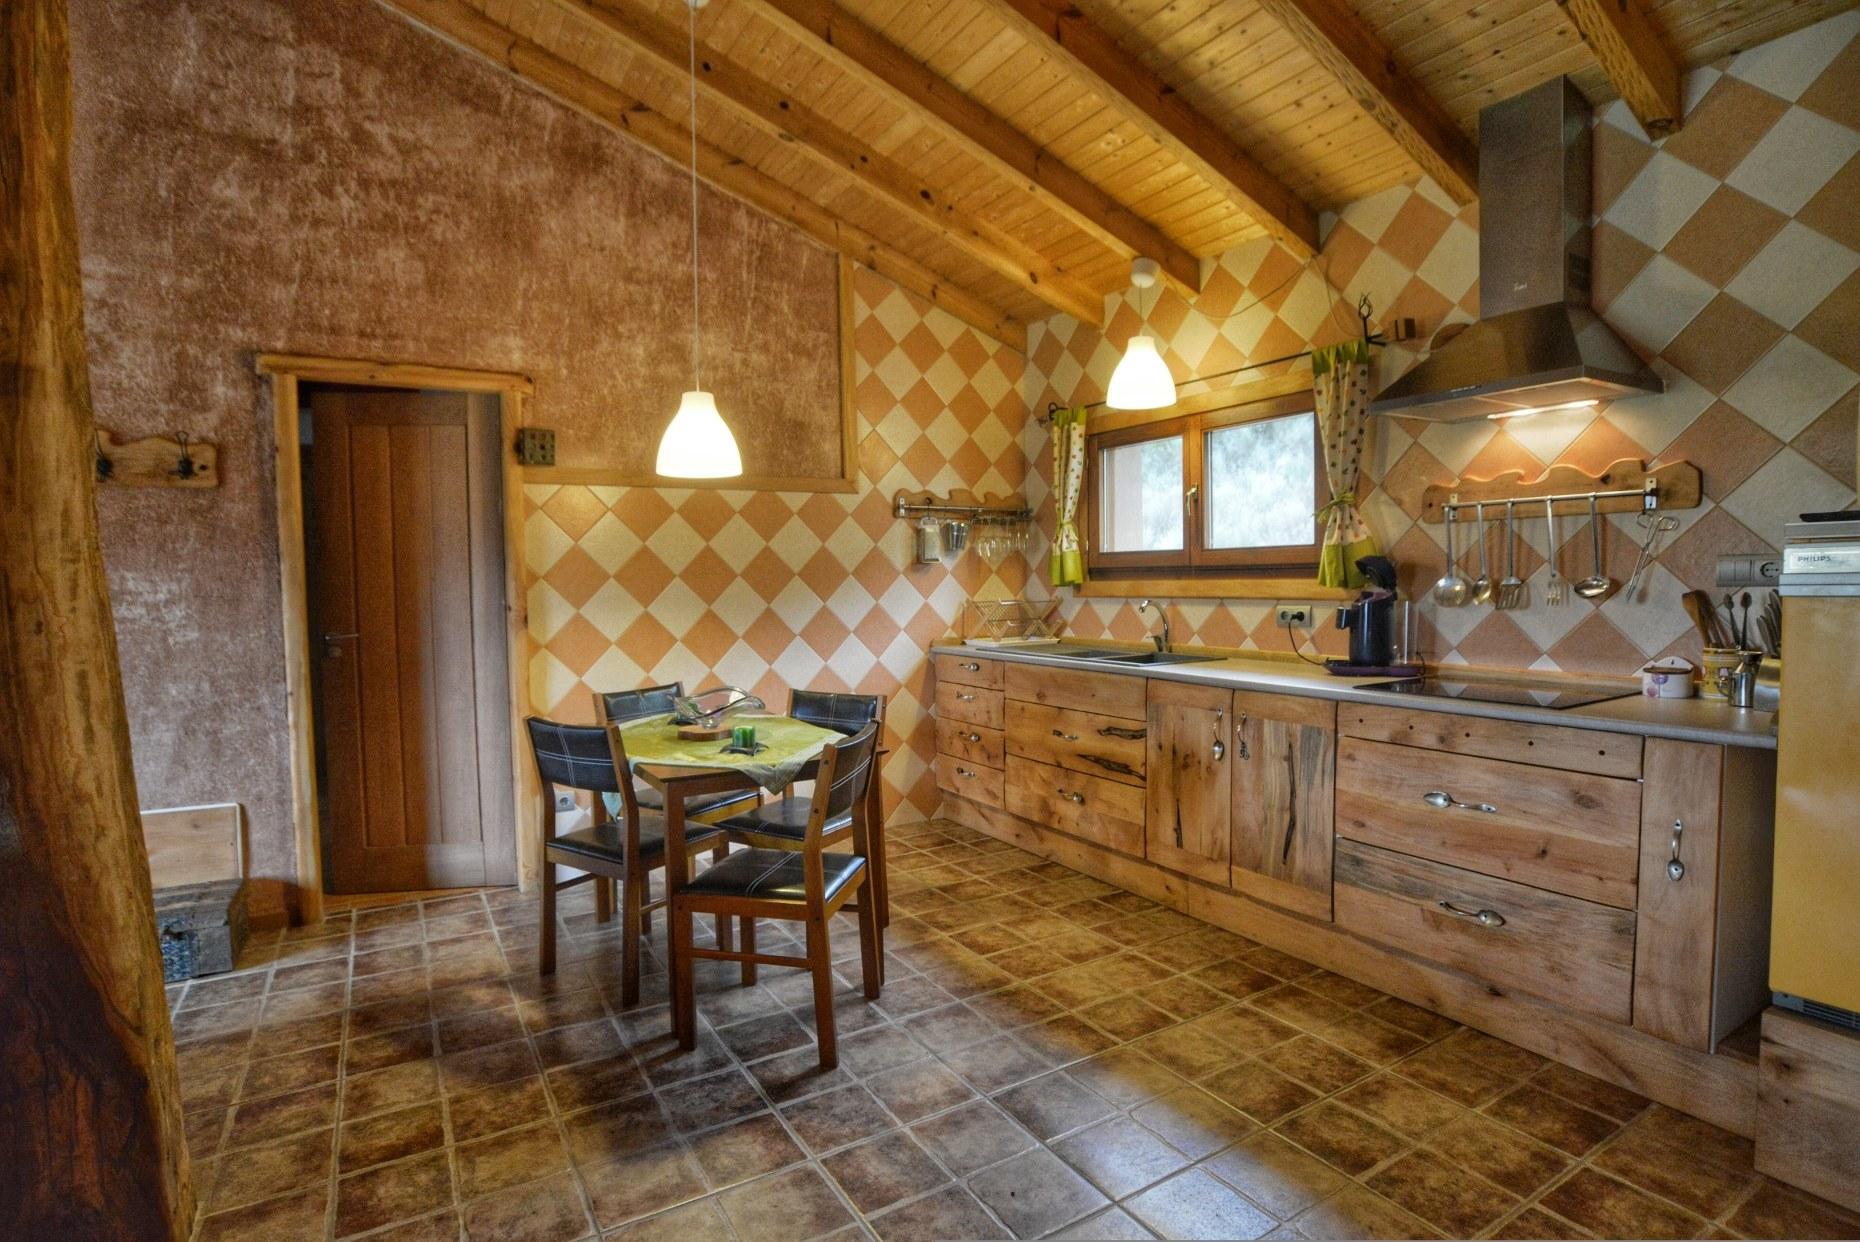 Casa rural la magia el mayul n - Cocina casa rural ...